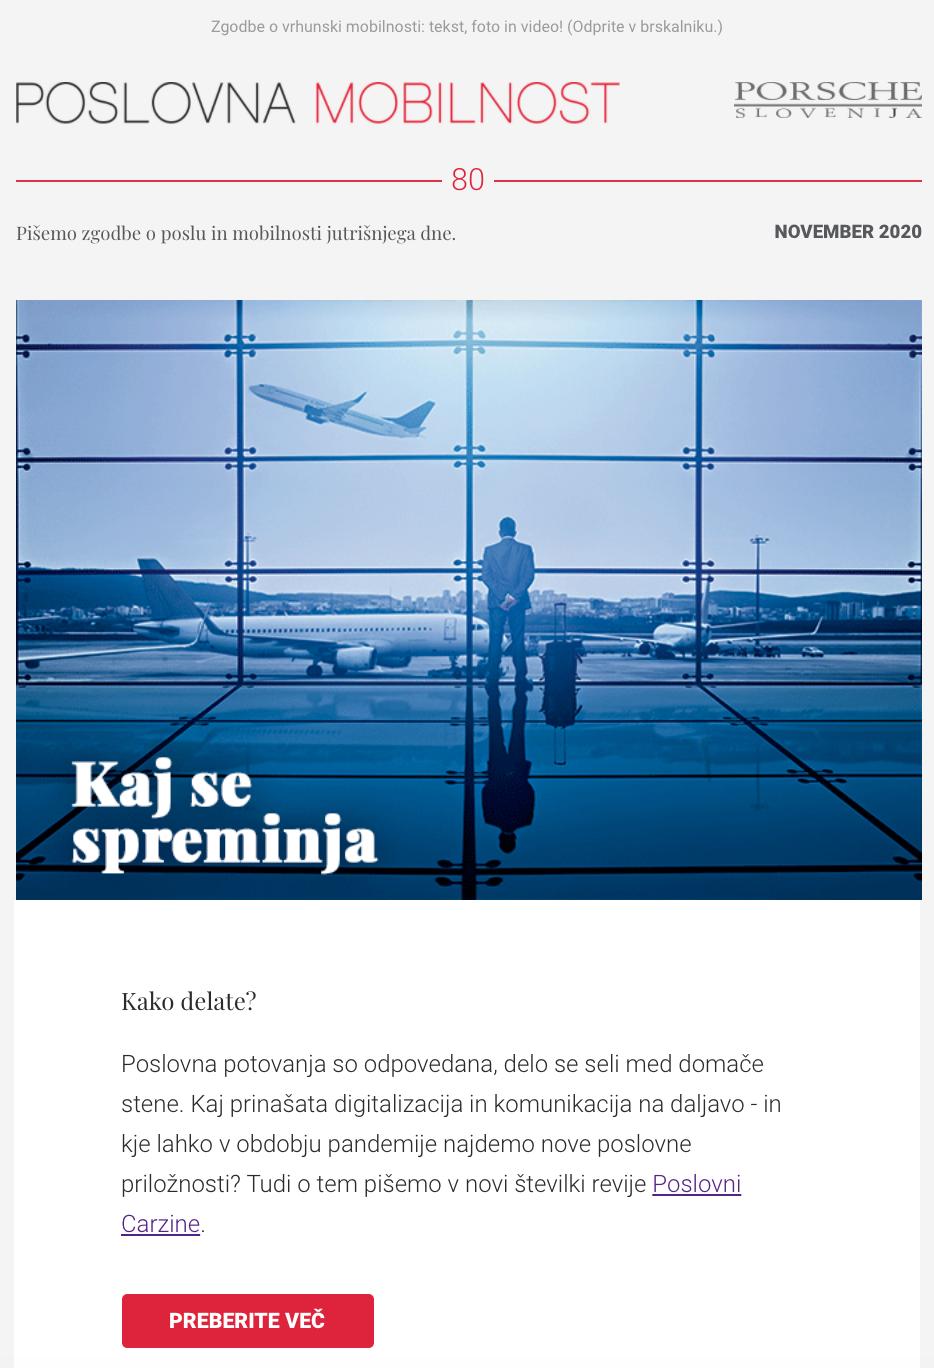 poslovna_mobilnost_2020-11